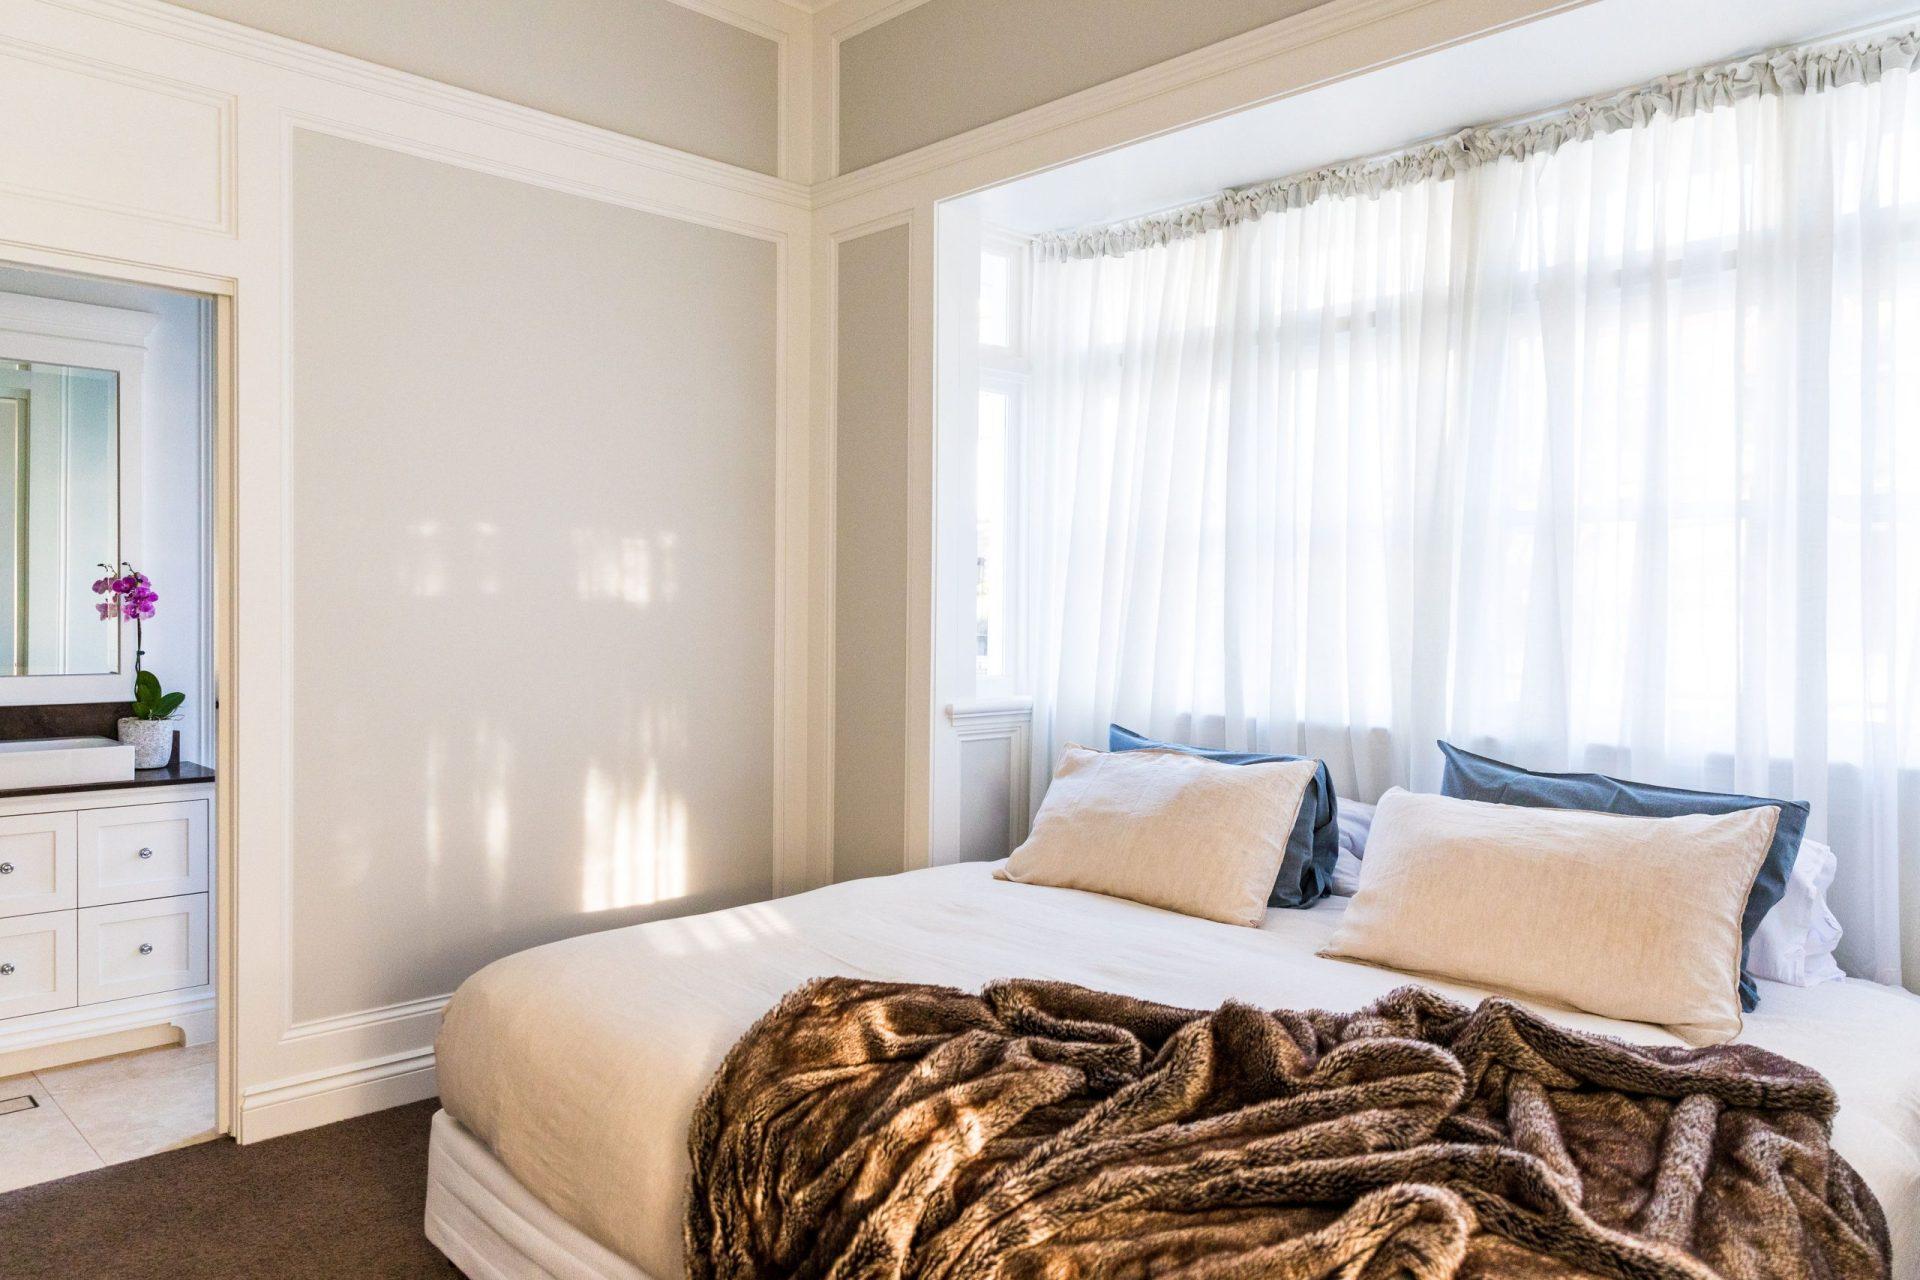 A big bed inside a bedroom